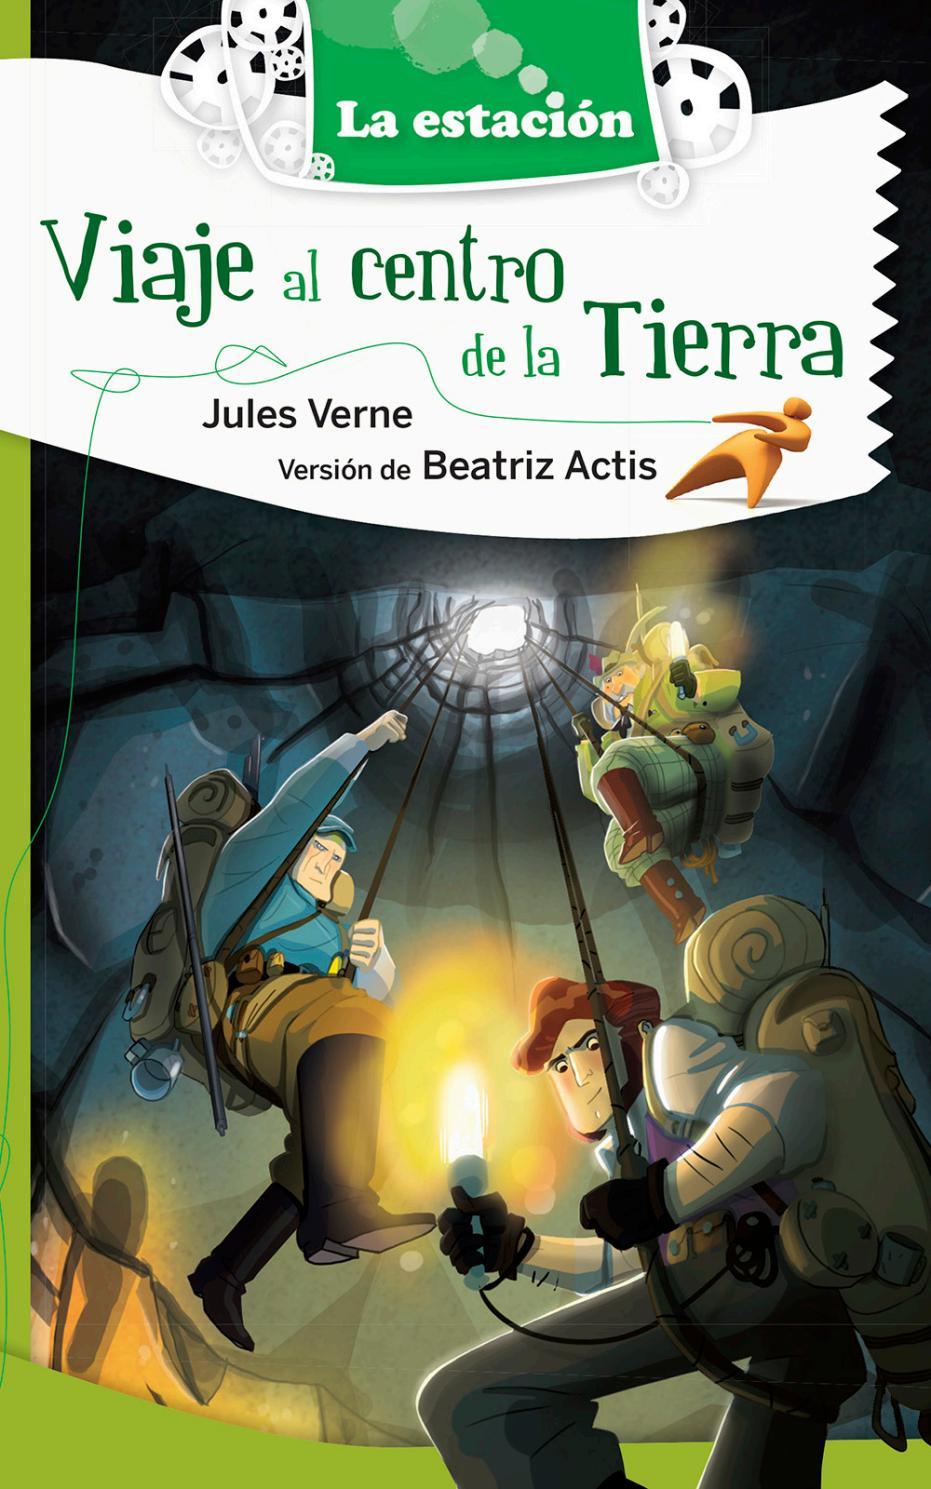 Viaje al centro de la Tierra - ¡Recorré el libro! by